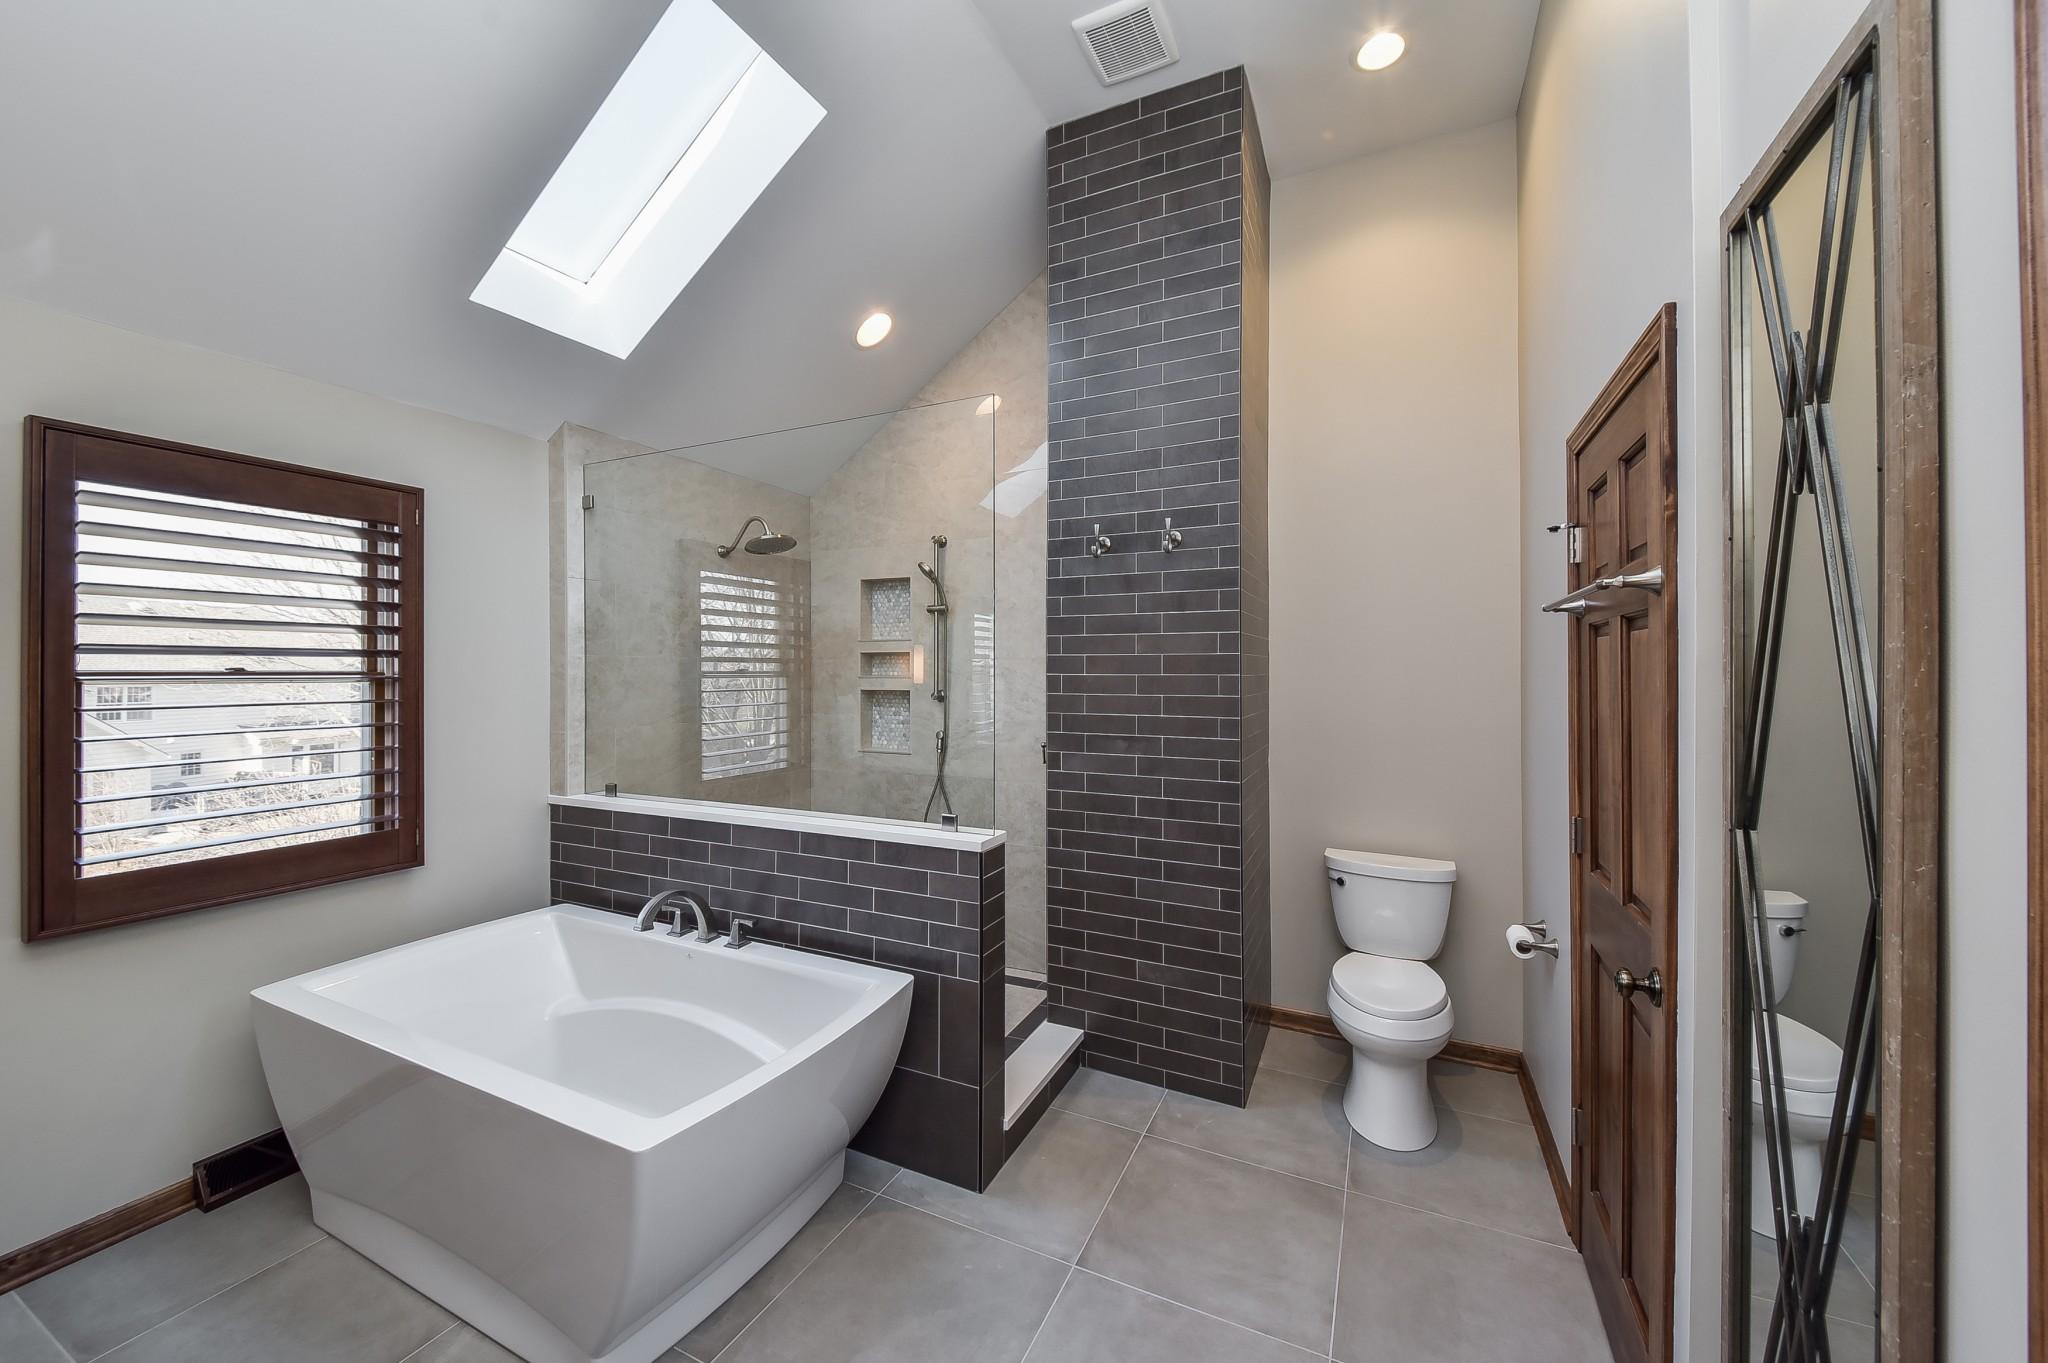 Bathroom Installers in London